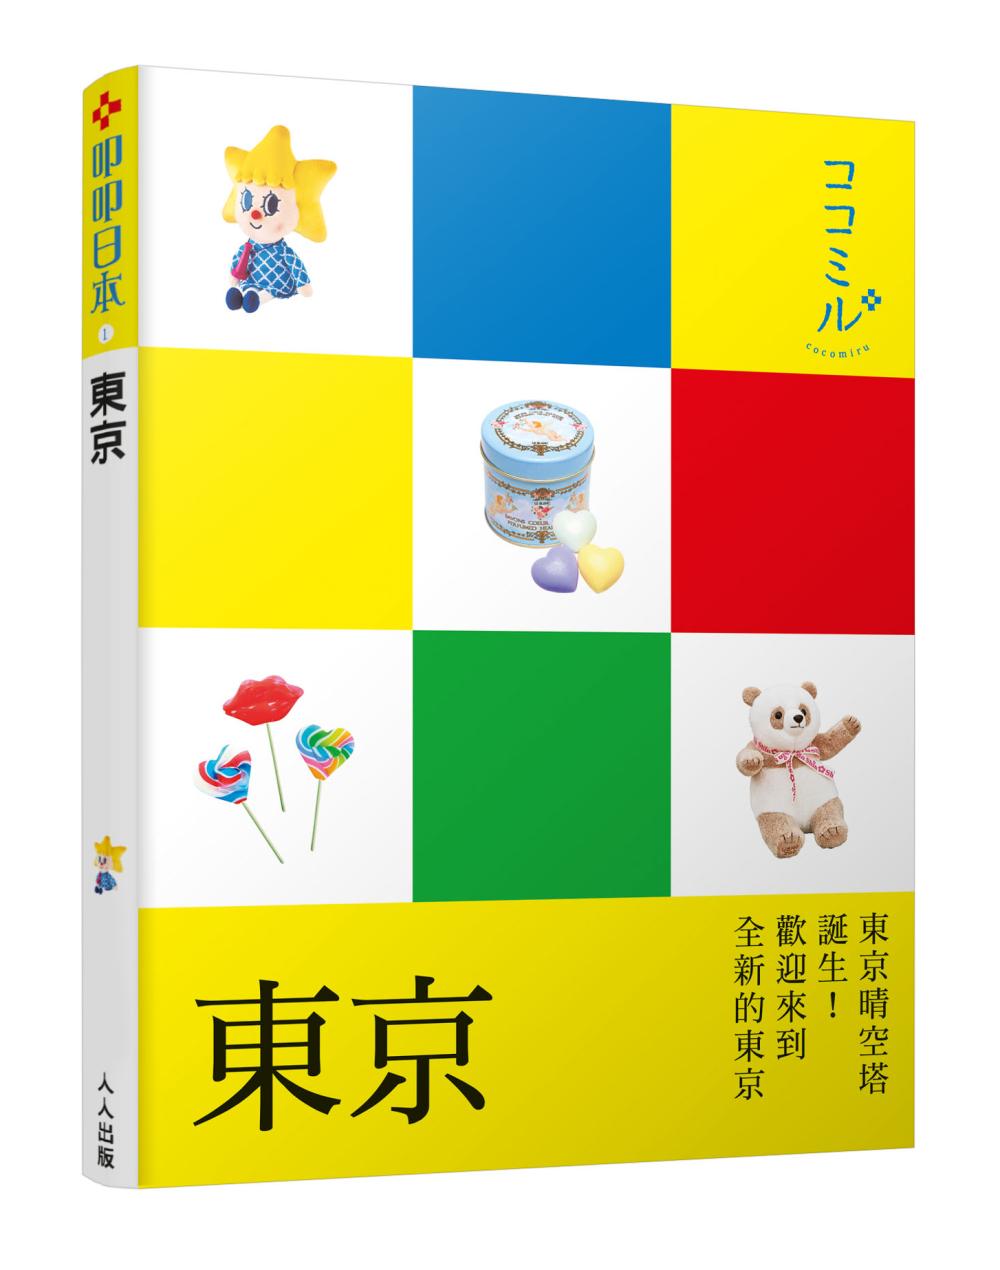 東京:叩叩日本系列1